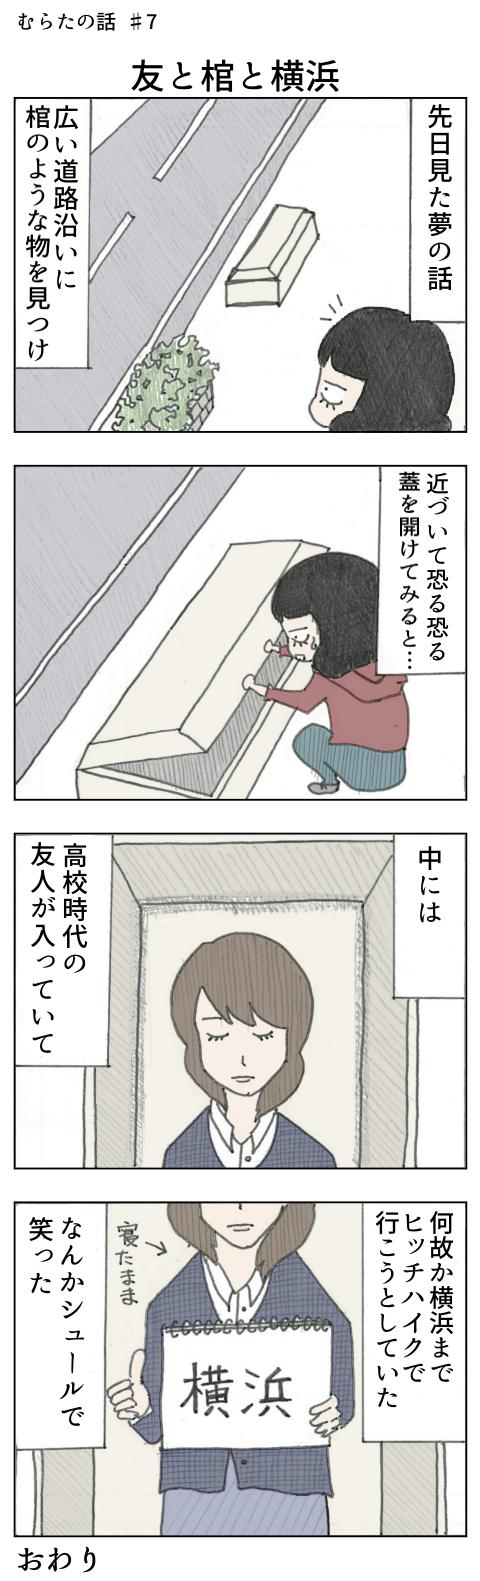 【むらたの話 #7】友と棺と横浜